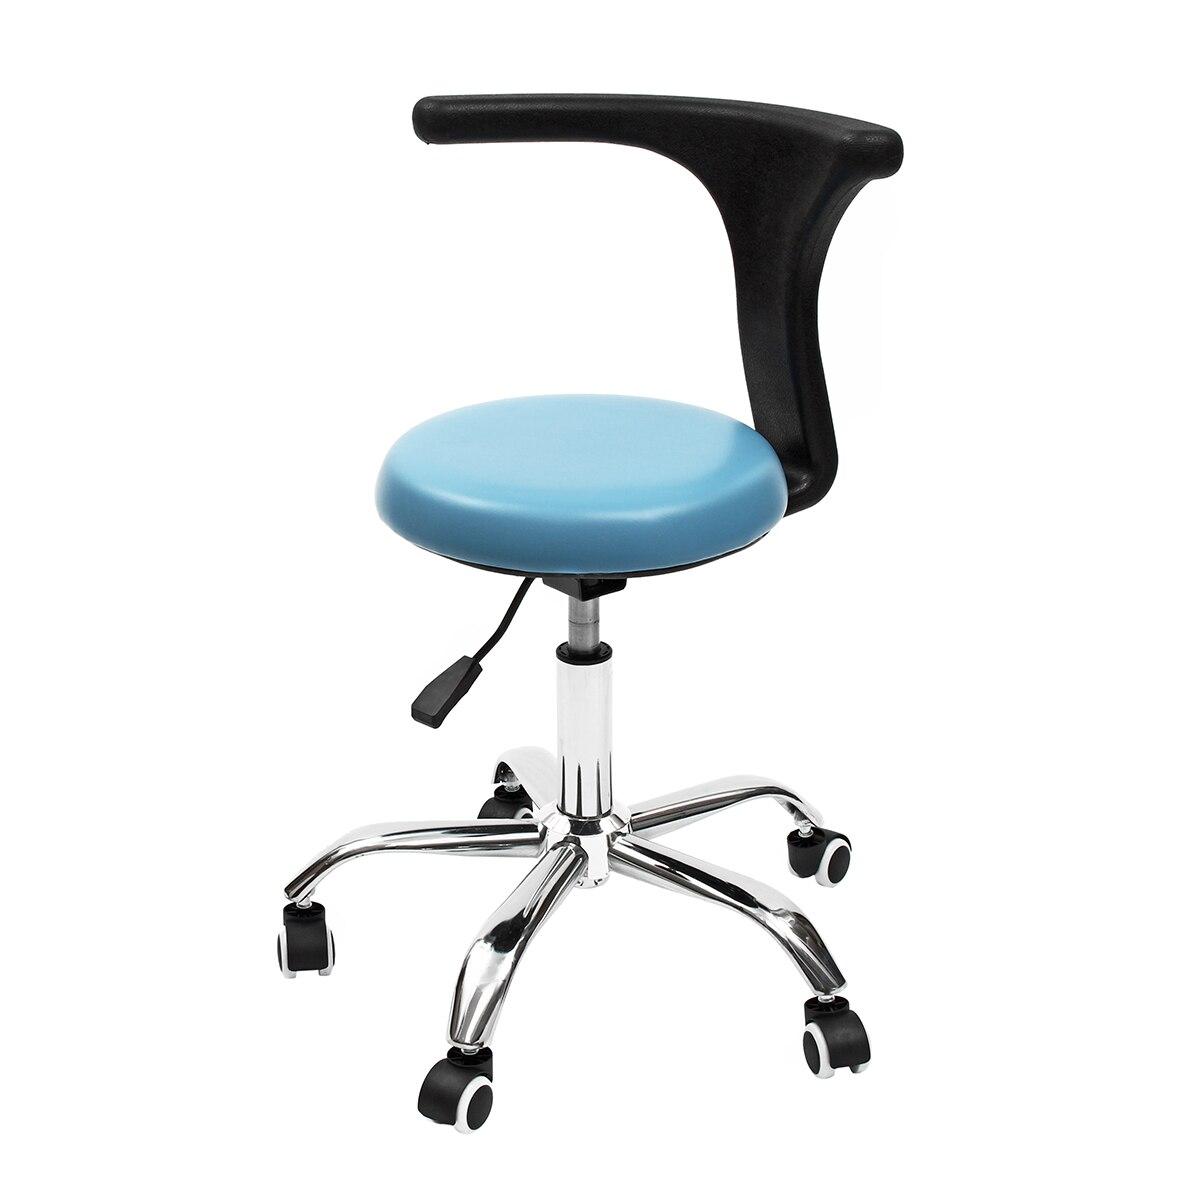 Sinnvoll Stuhl Mueble De Cabeleireiro Kappersstoelen Barbeiro Schönheit Möbel Sessel Barbearia Salon Barbershop Cadeira Barber Stuhl Möbel